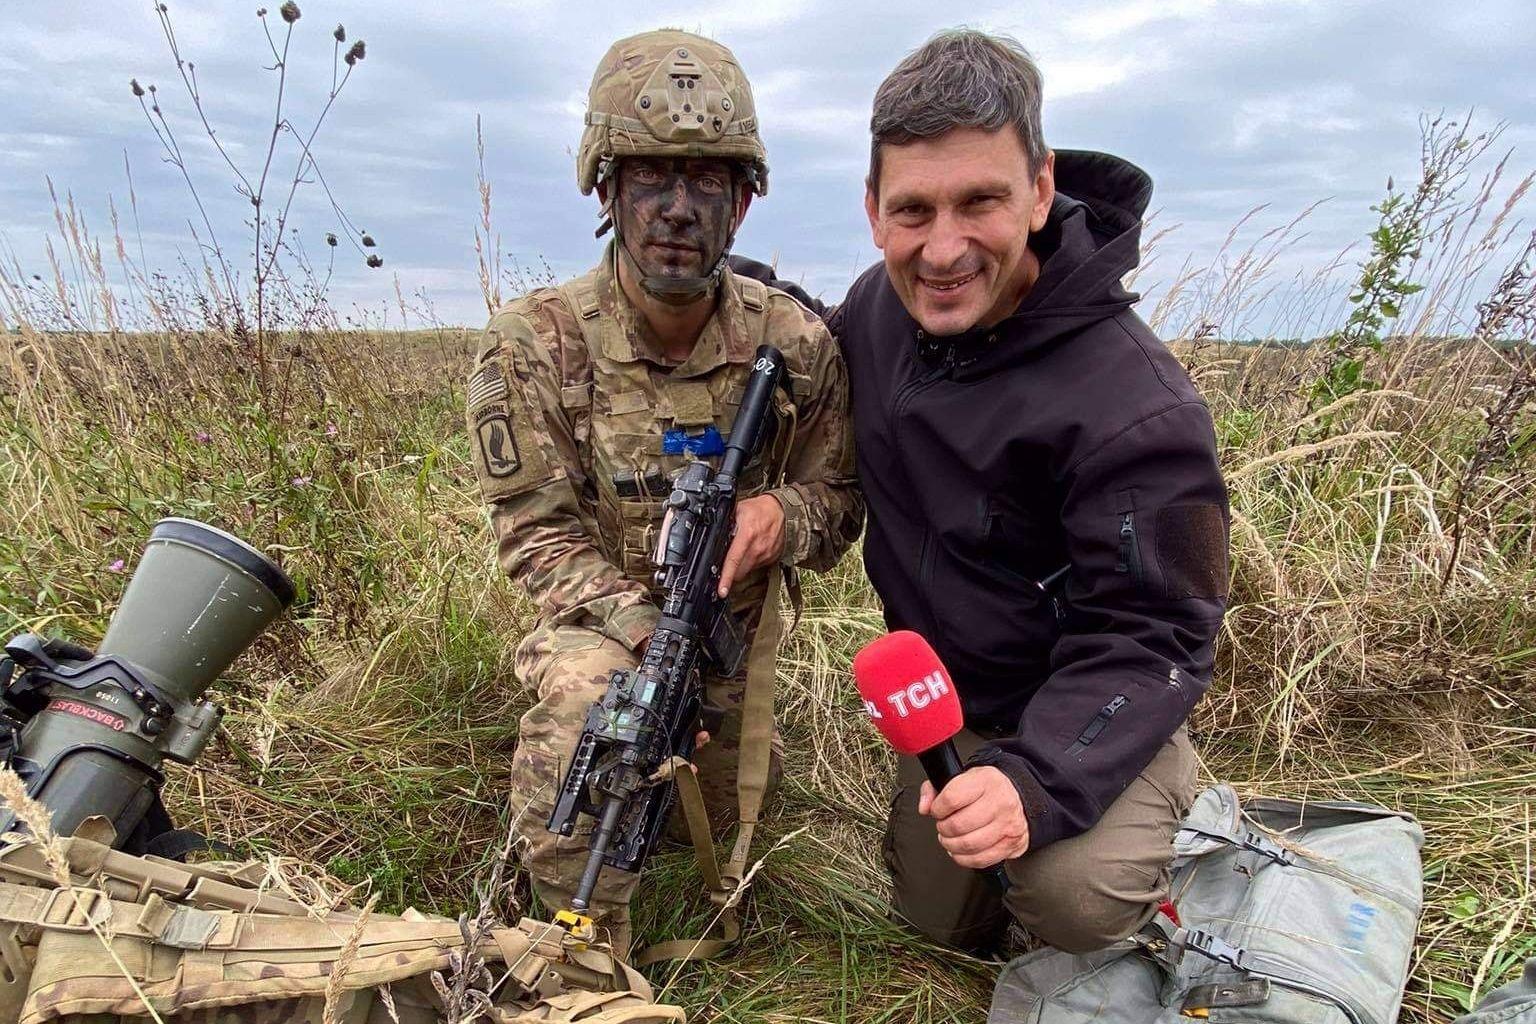 """Сержант ВС США Ален после десантирования с военными Украины: """"Ваши парни невероятны"""""""